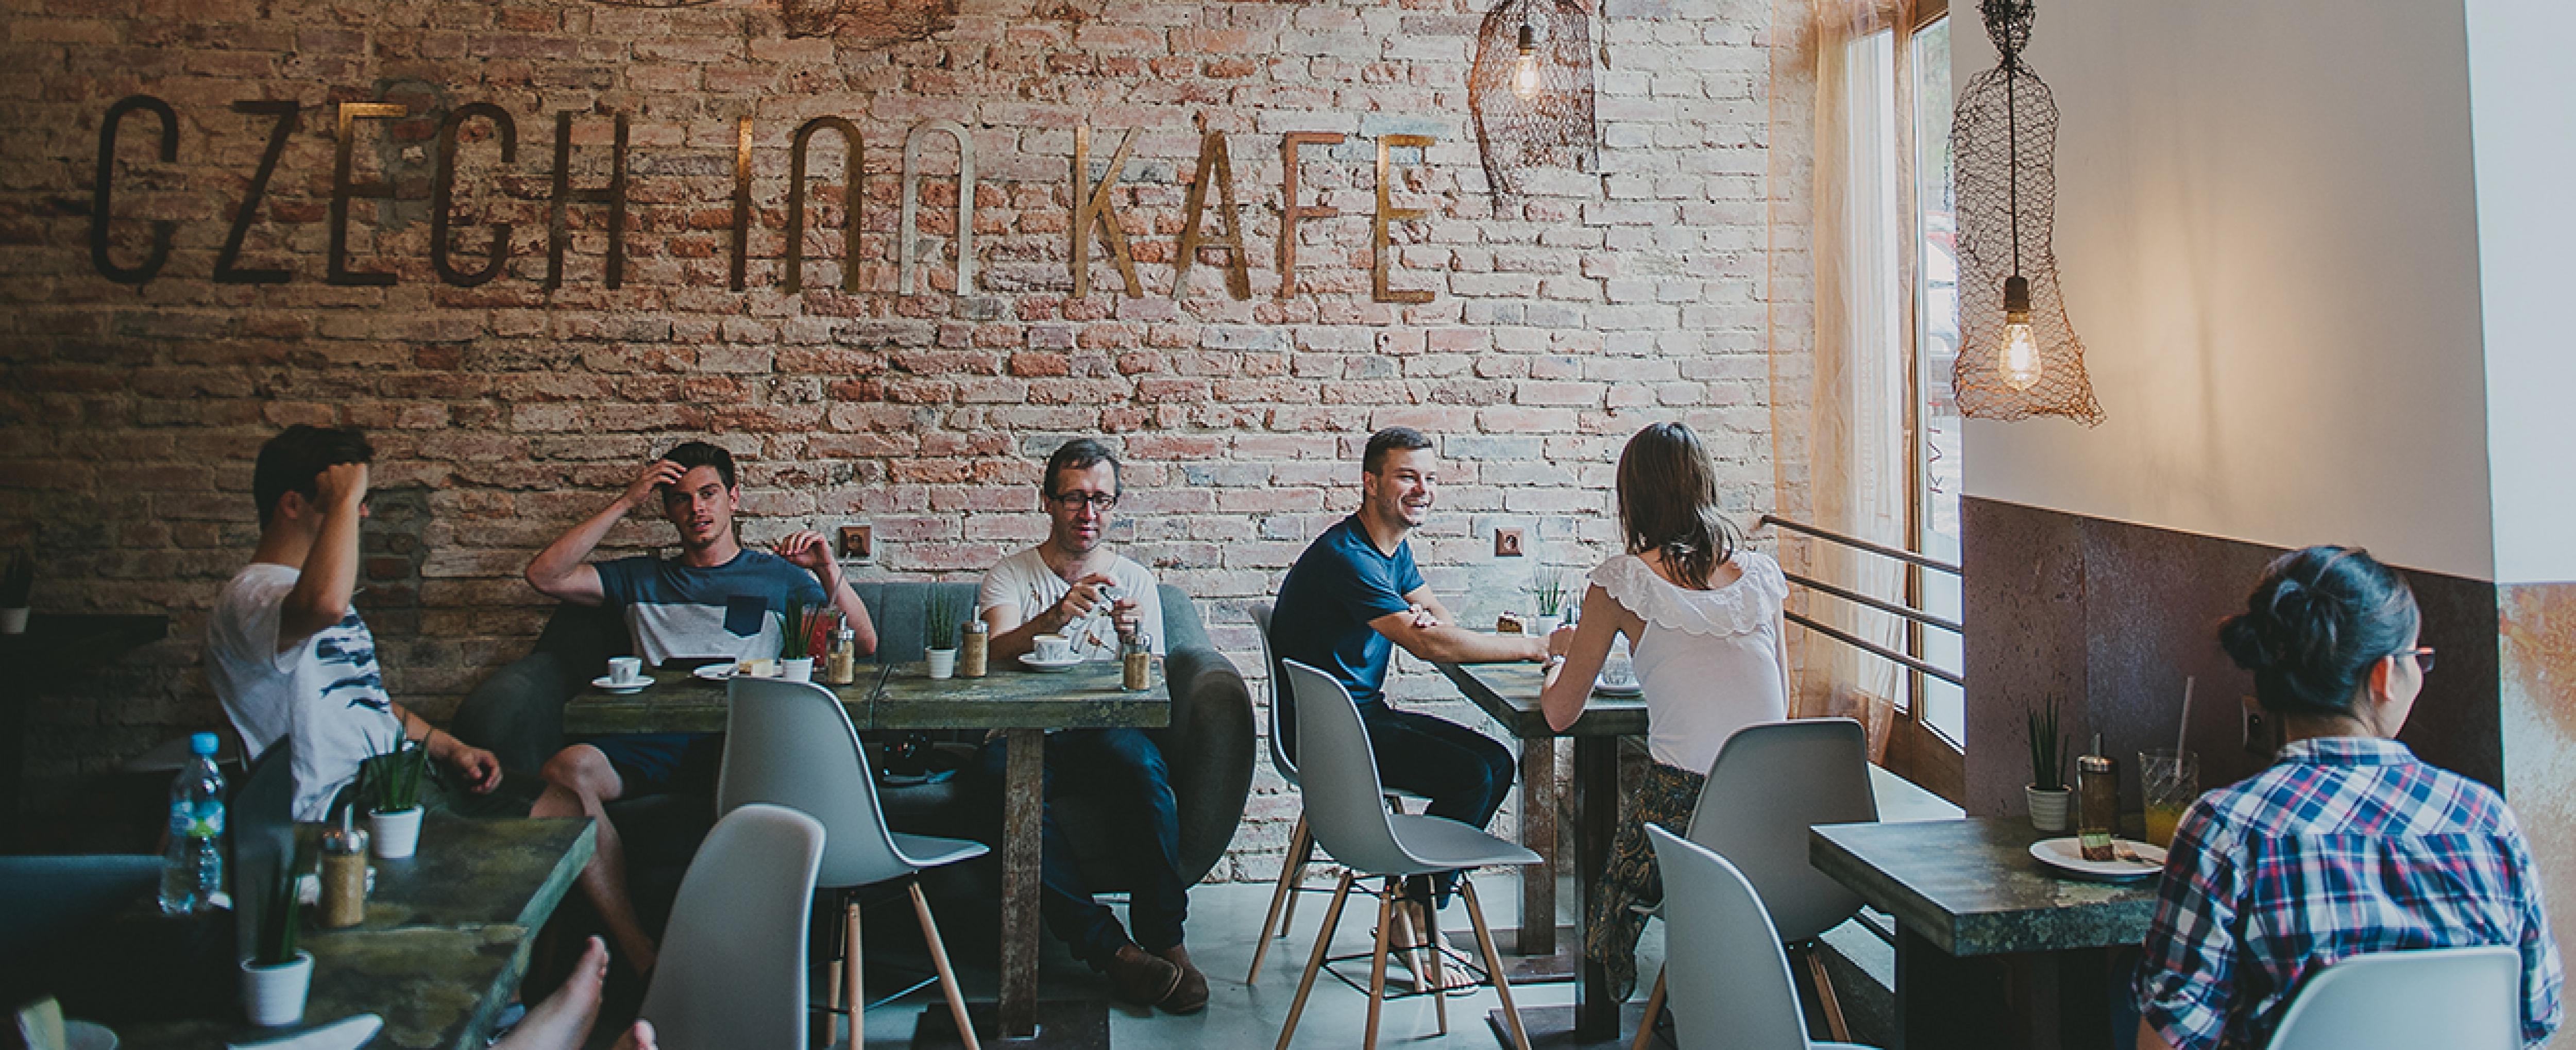 czech inn kafe prague